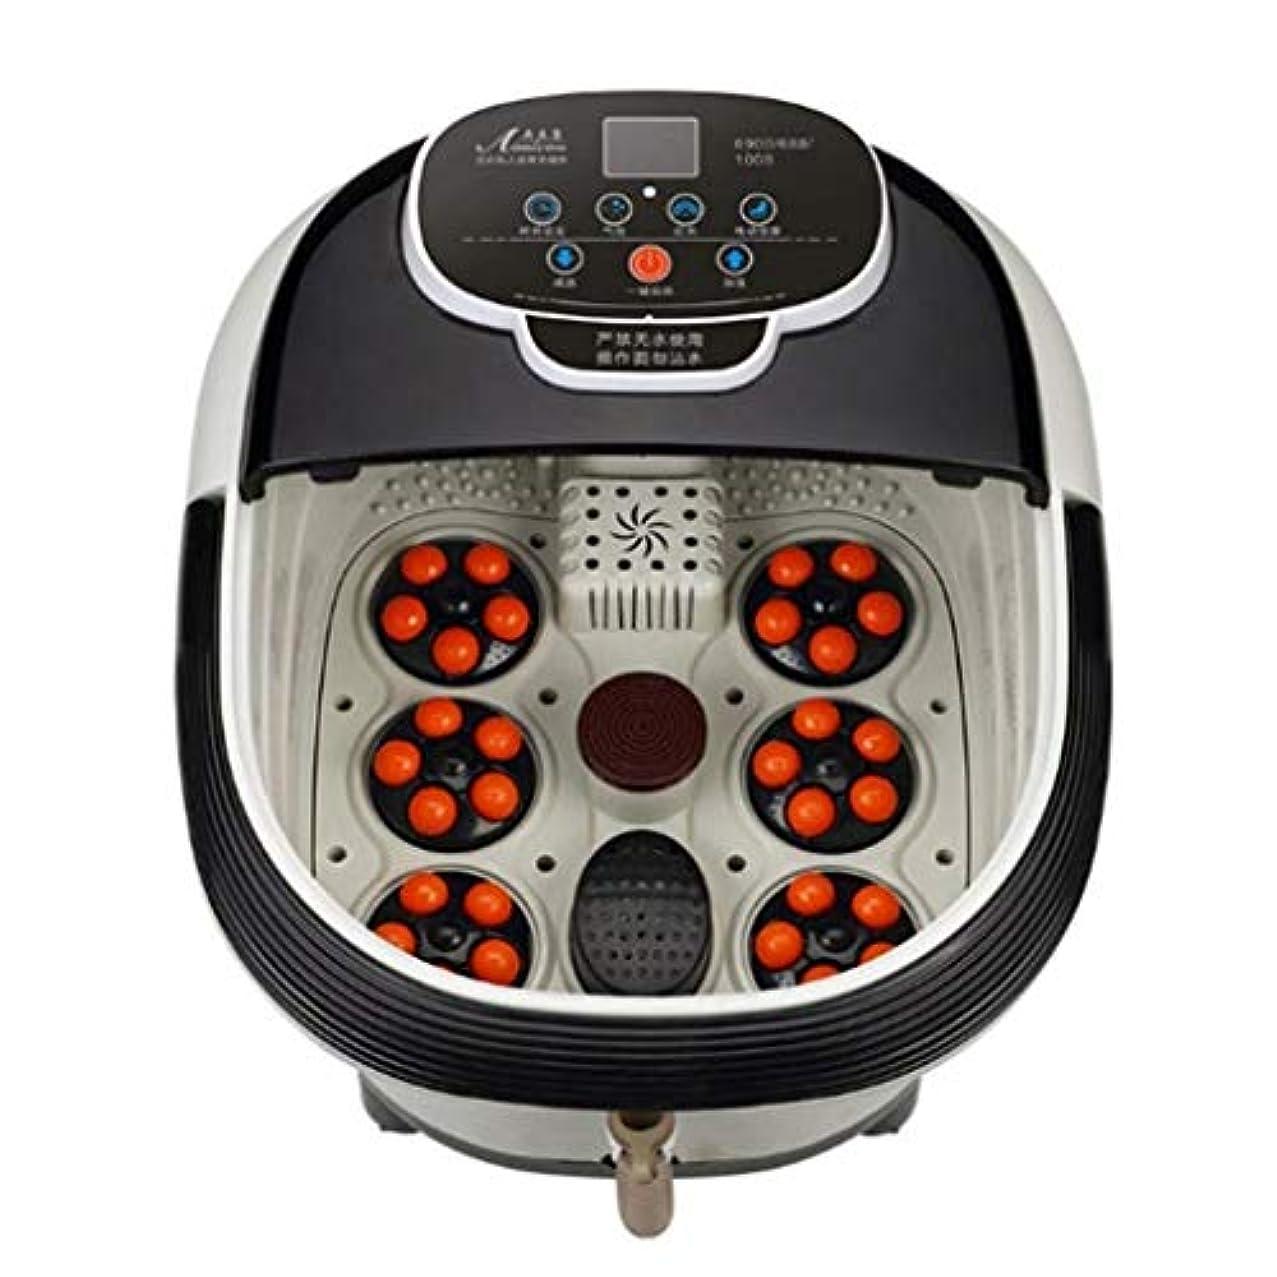 攻撃的ナサニエル区役に立つ電動フットマッサージベイスン、フットバスバレル、フットバススパマッサージャー、痛みの緩和/睡眠の促進、ホームオフィスでの使用